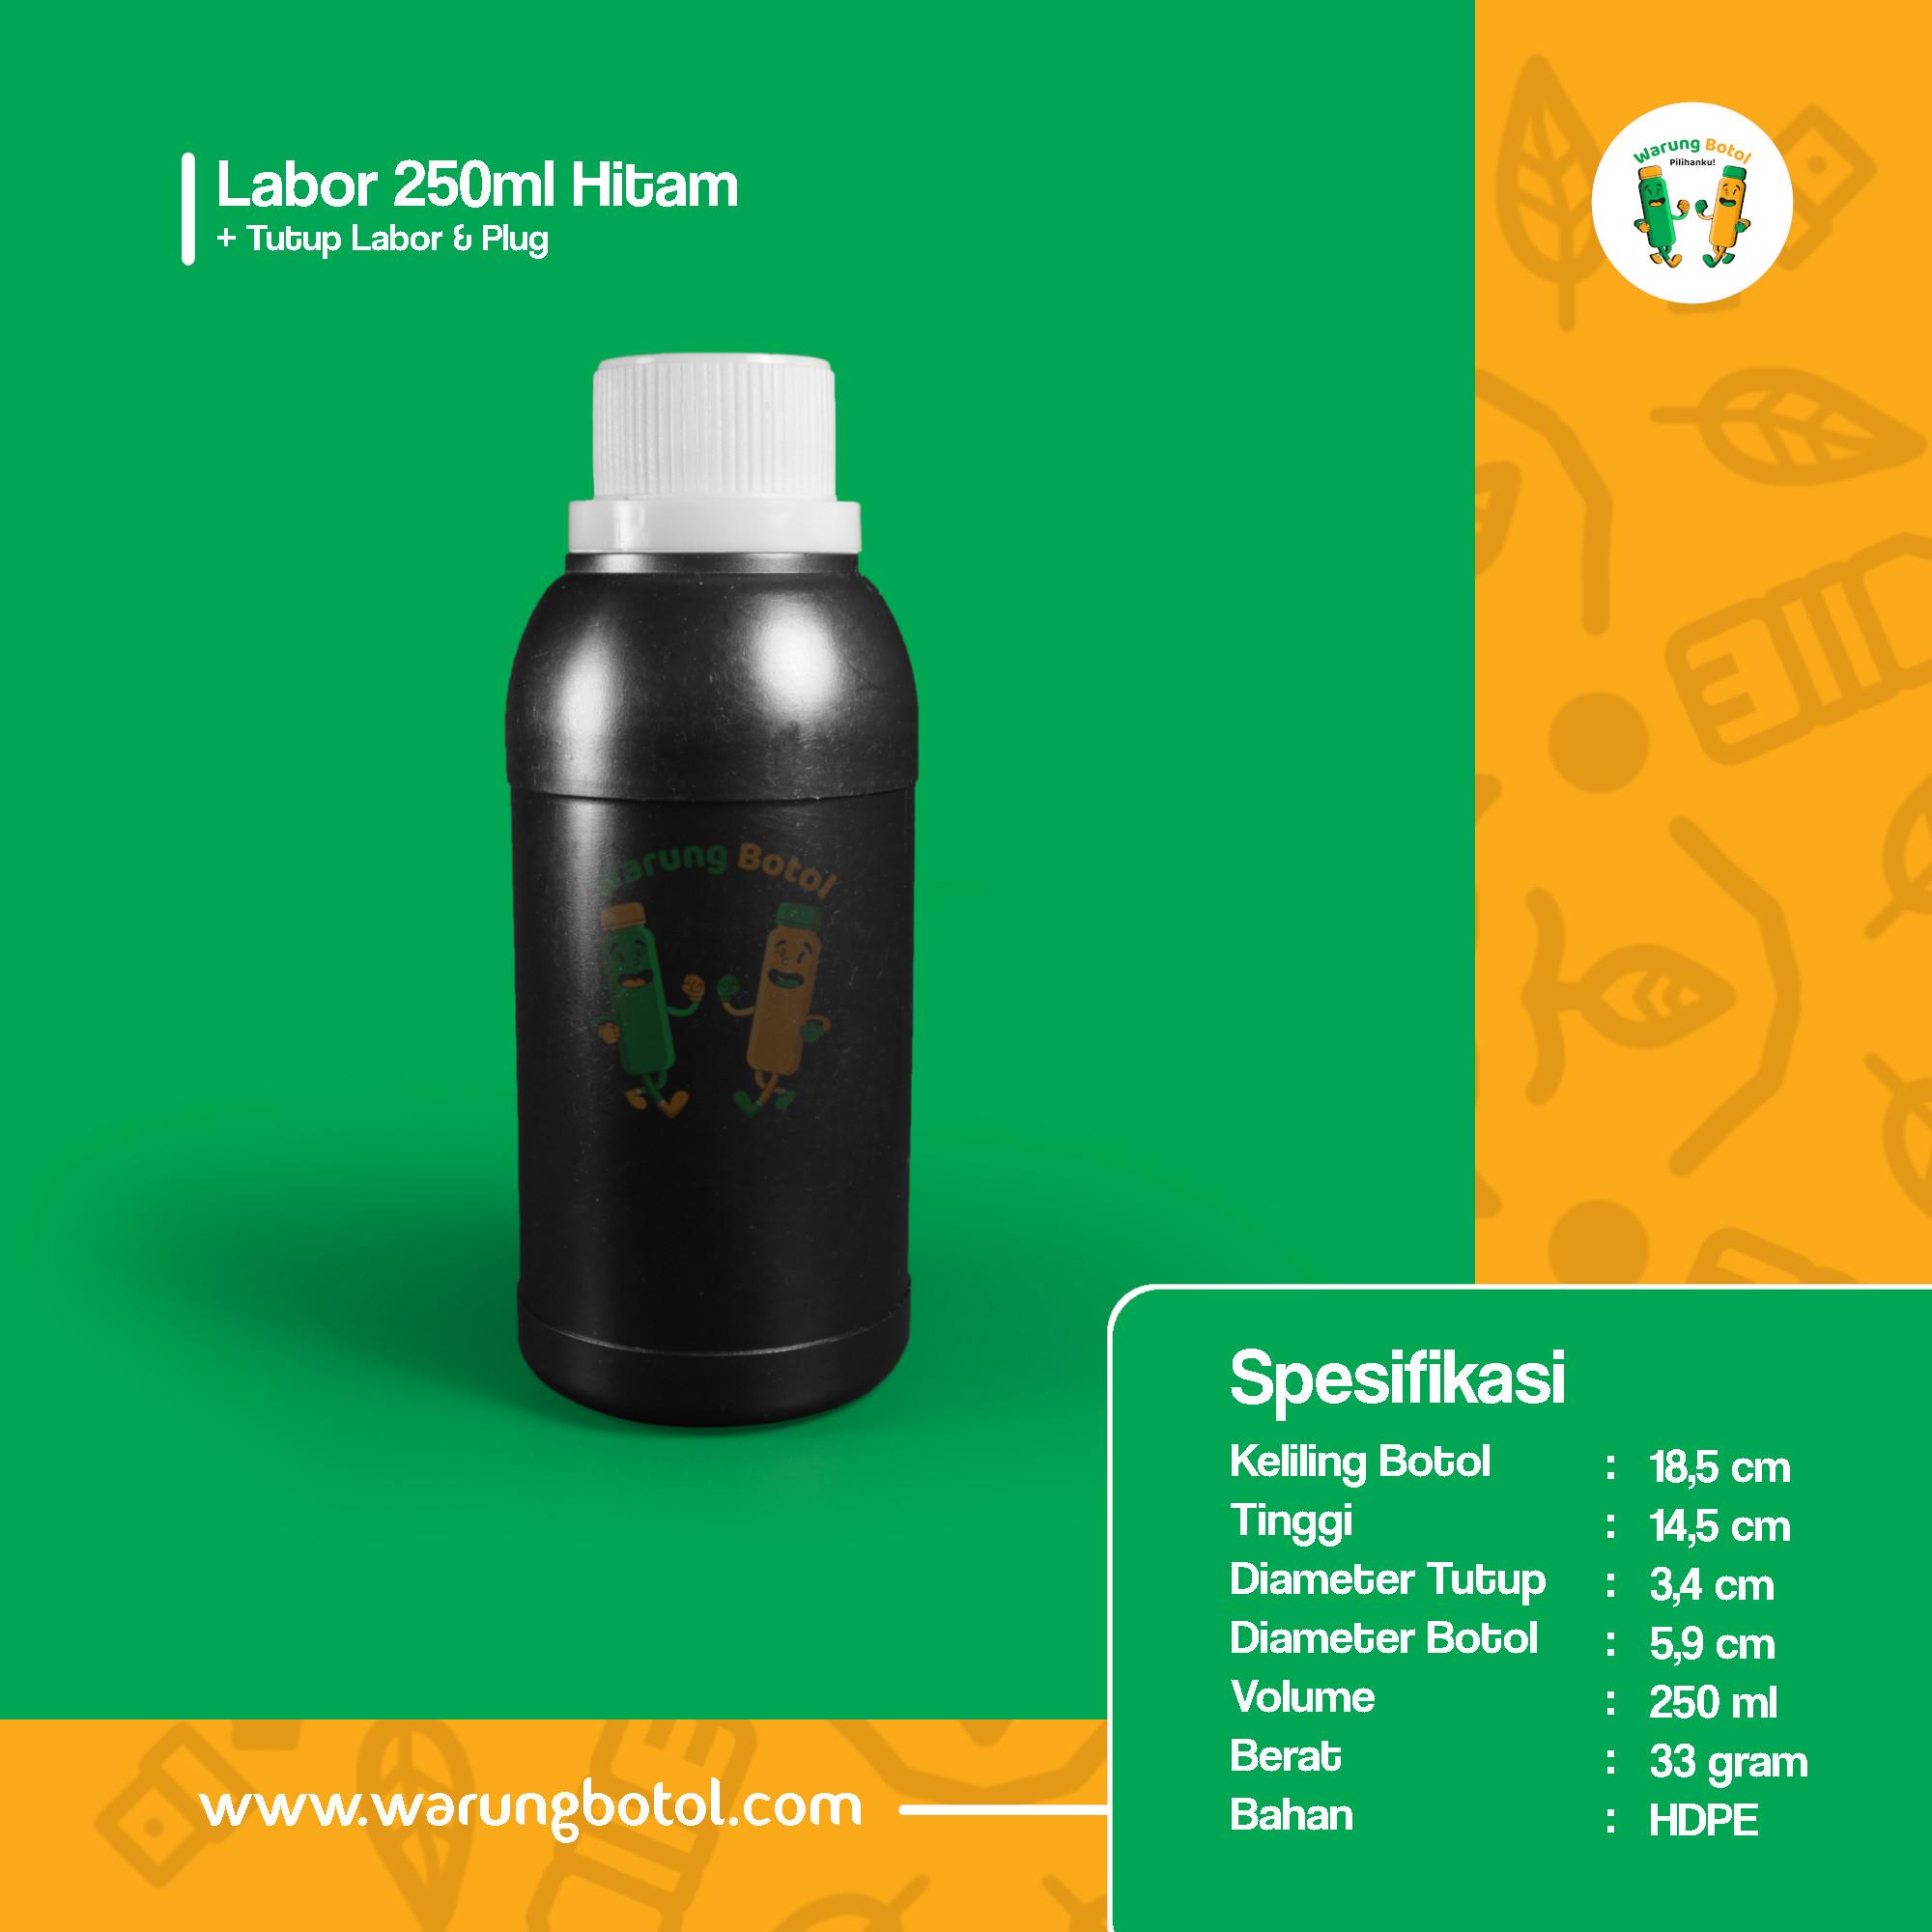 distributor toko jual botol plastik labor untuk bahan kimia 250ml hitam murah terdekat bandung jakarta bogor bekasi